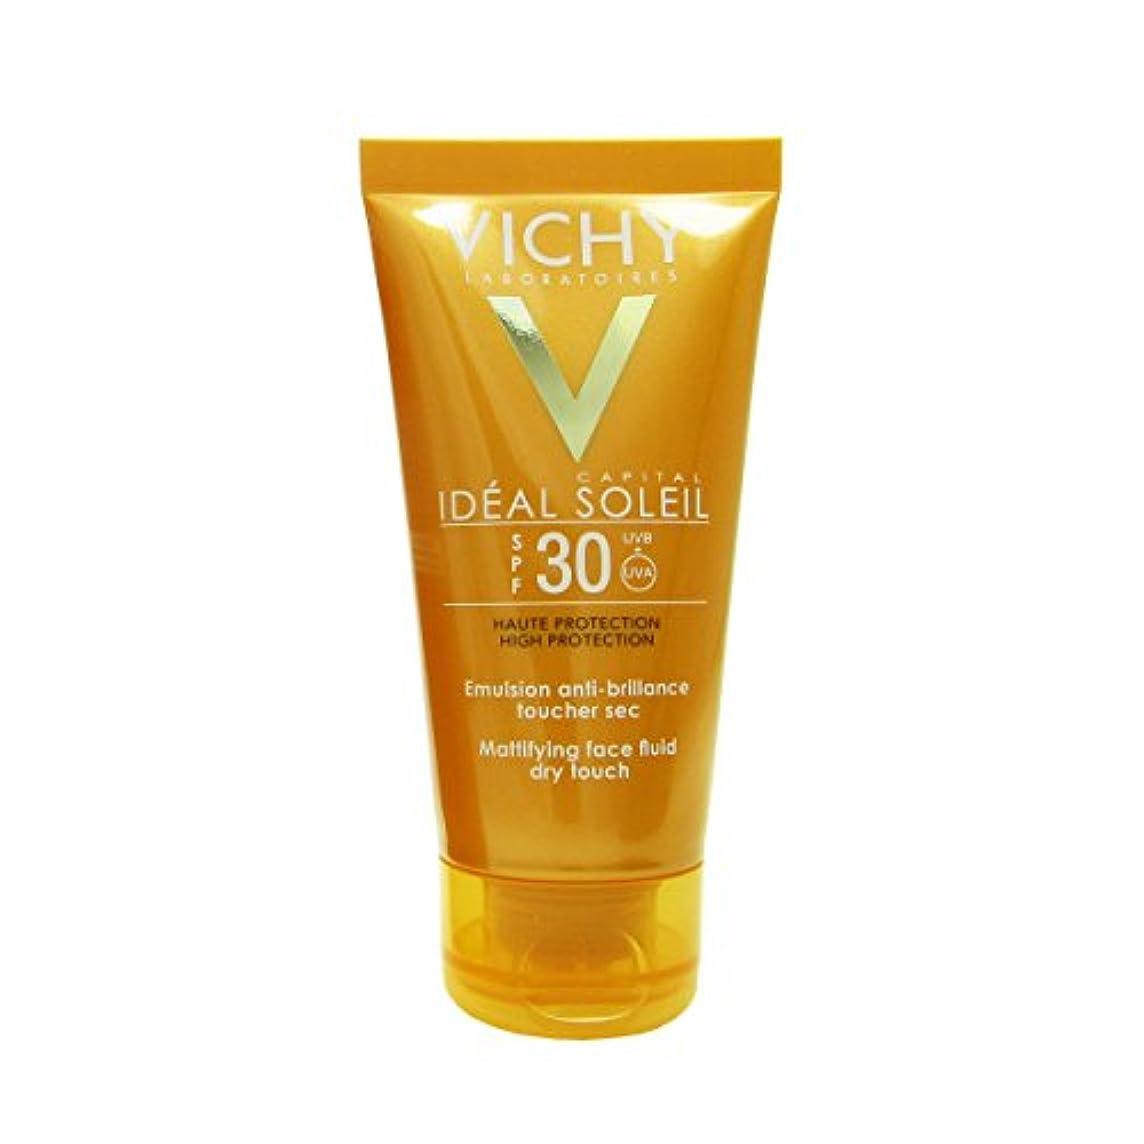 メールを書く協力求めるVichy Capital Soleil Ideal Soleil Spf30 Dry Touch Fluid 50ml [並行輸入品]